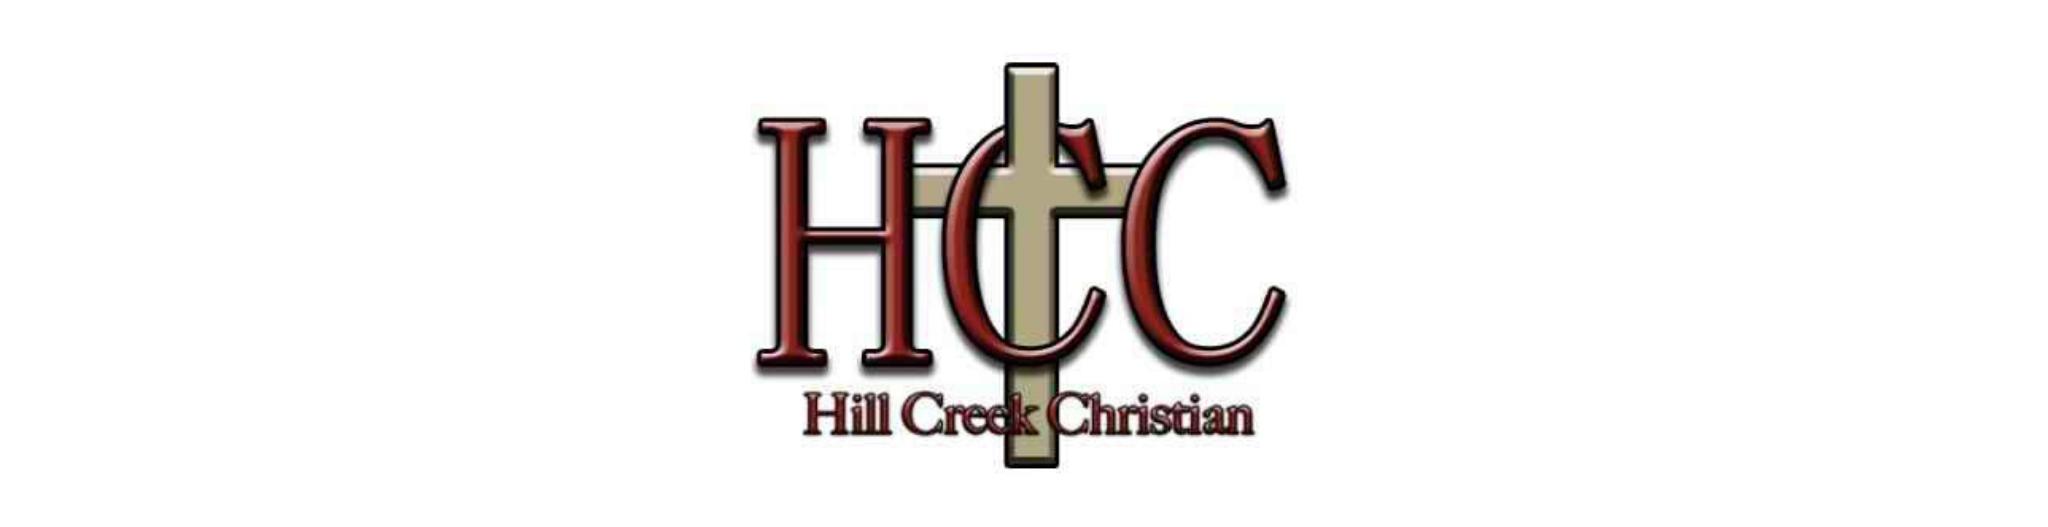 Hill Creek